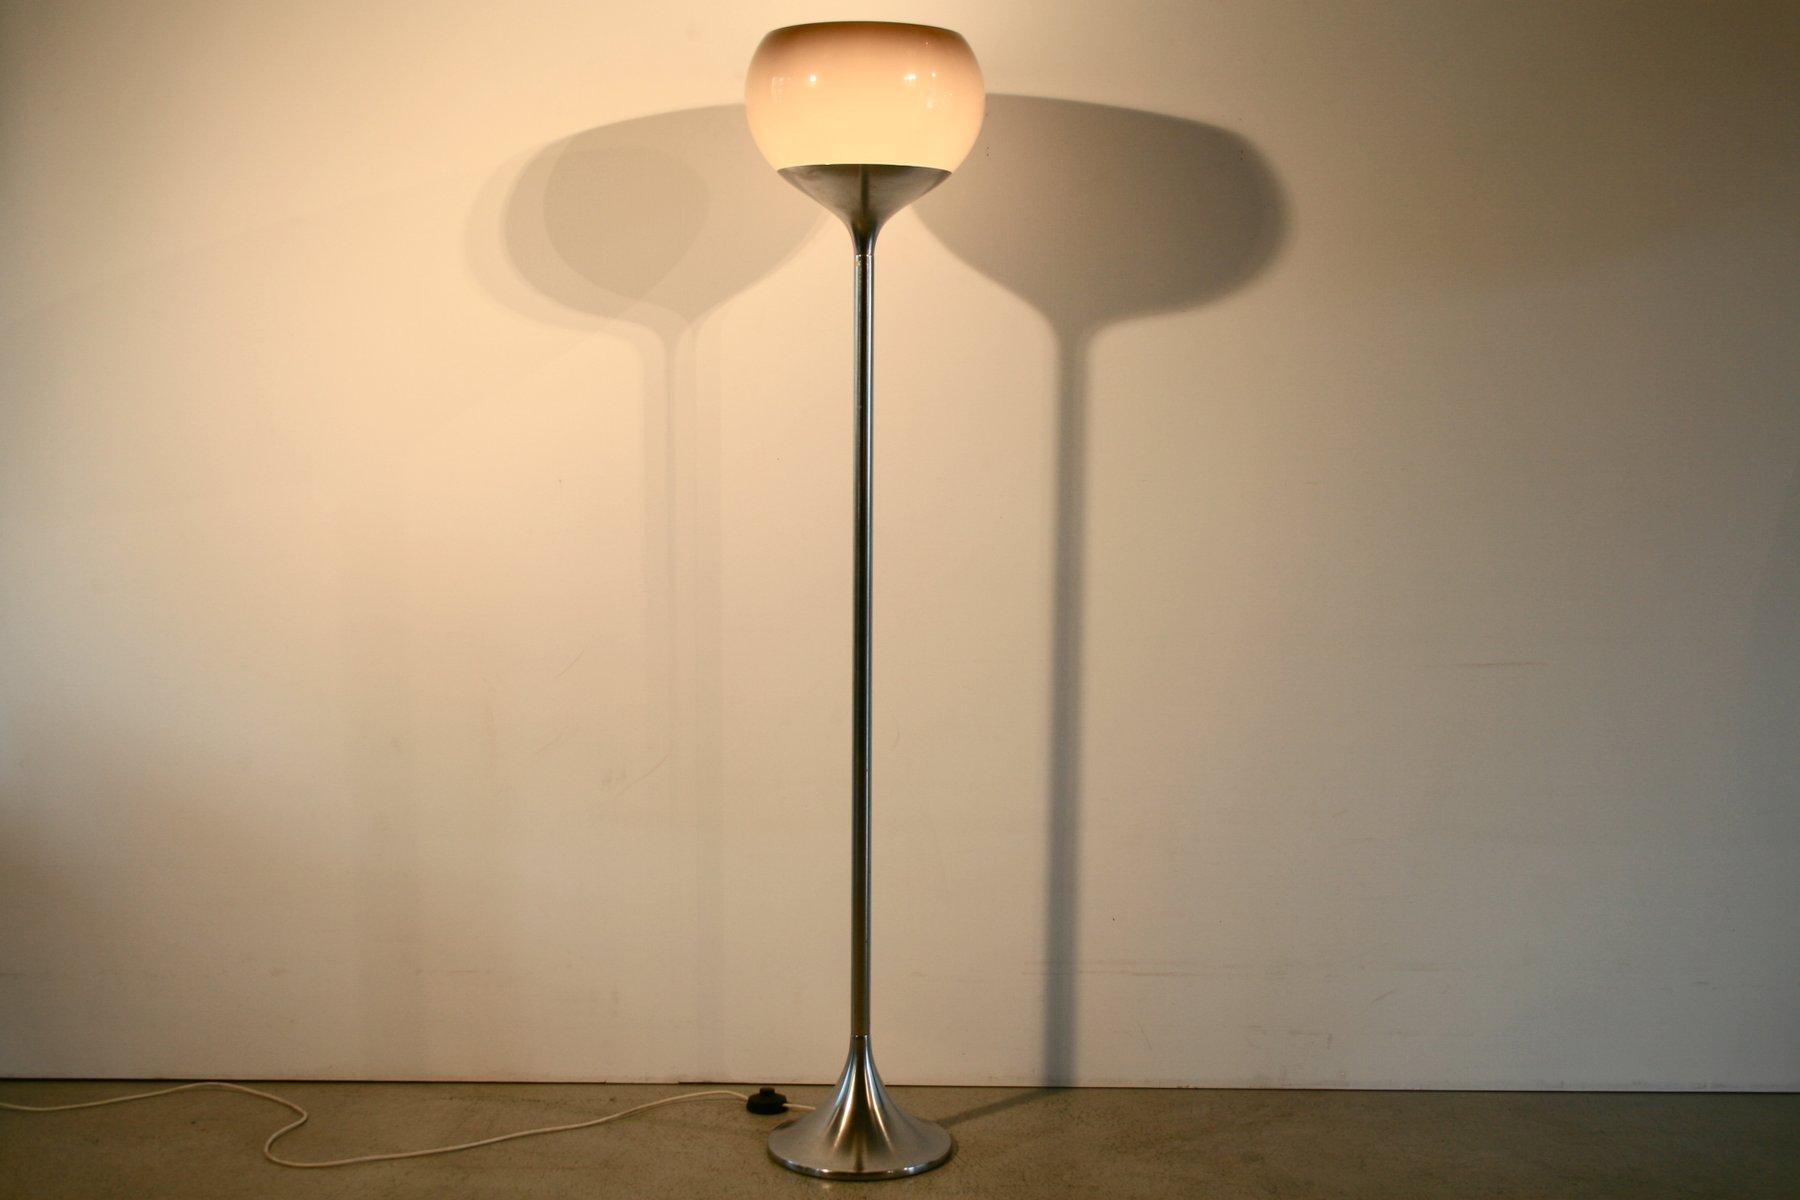 italienische stehlampe von guzzini 1970er bei pamono kaufen. Black Bedroom Furniture Sets. Home Design Ideas